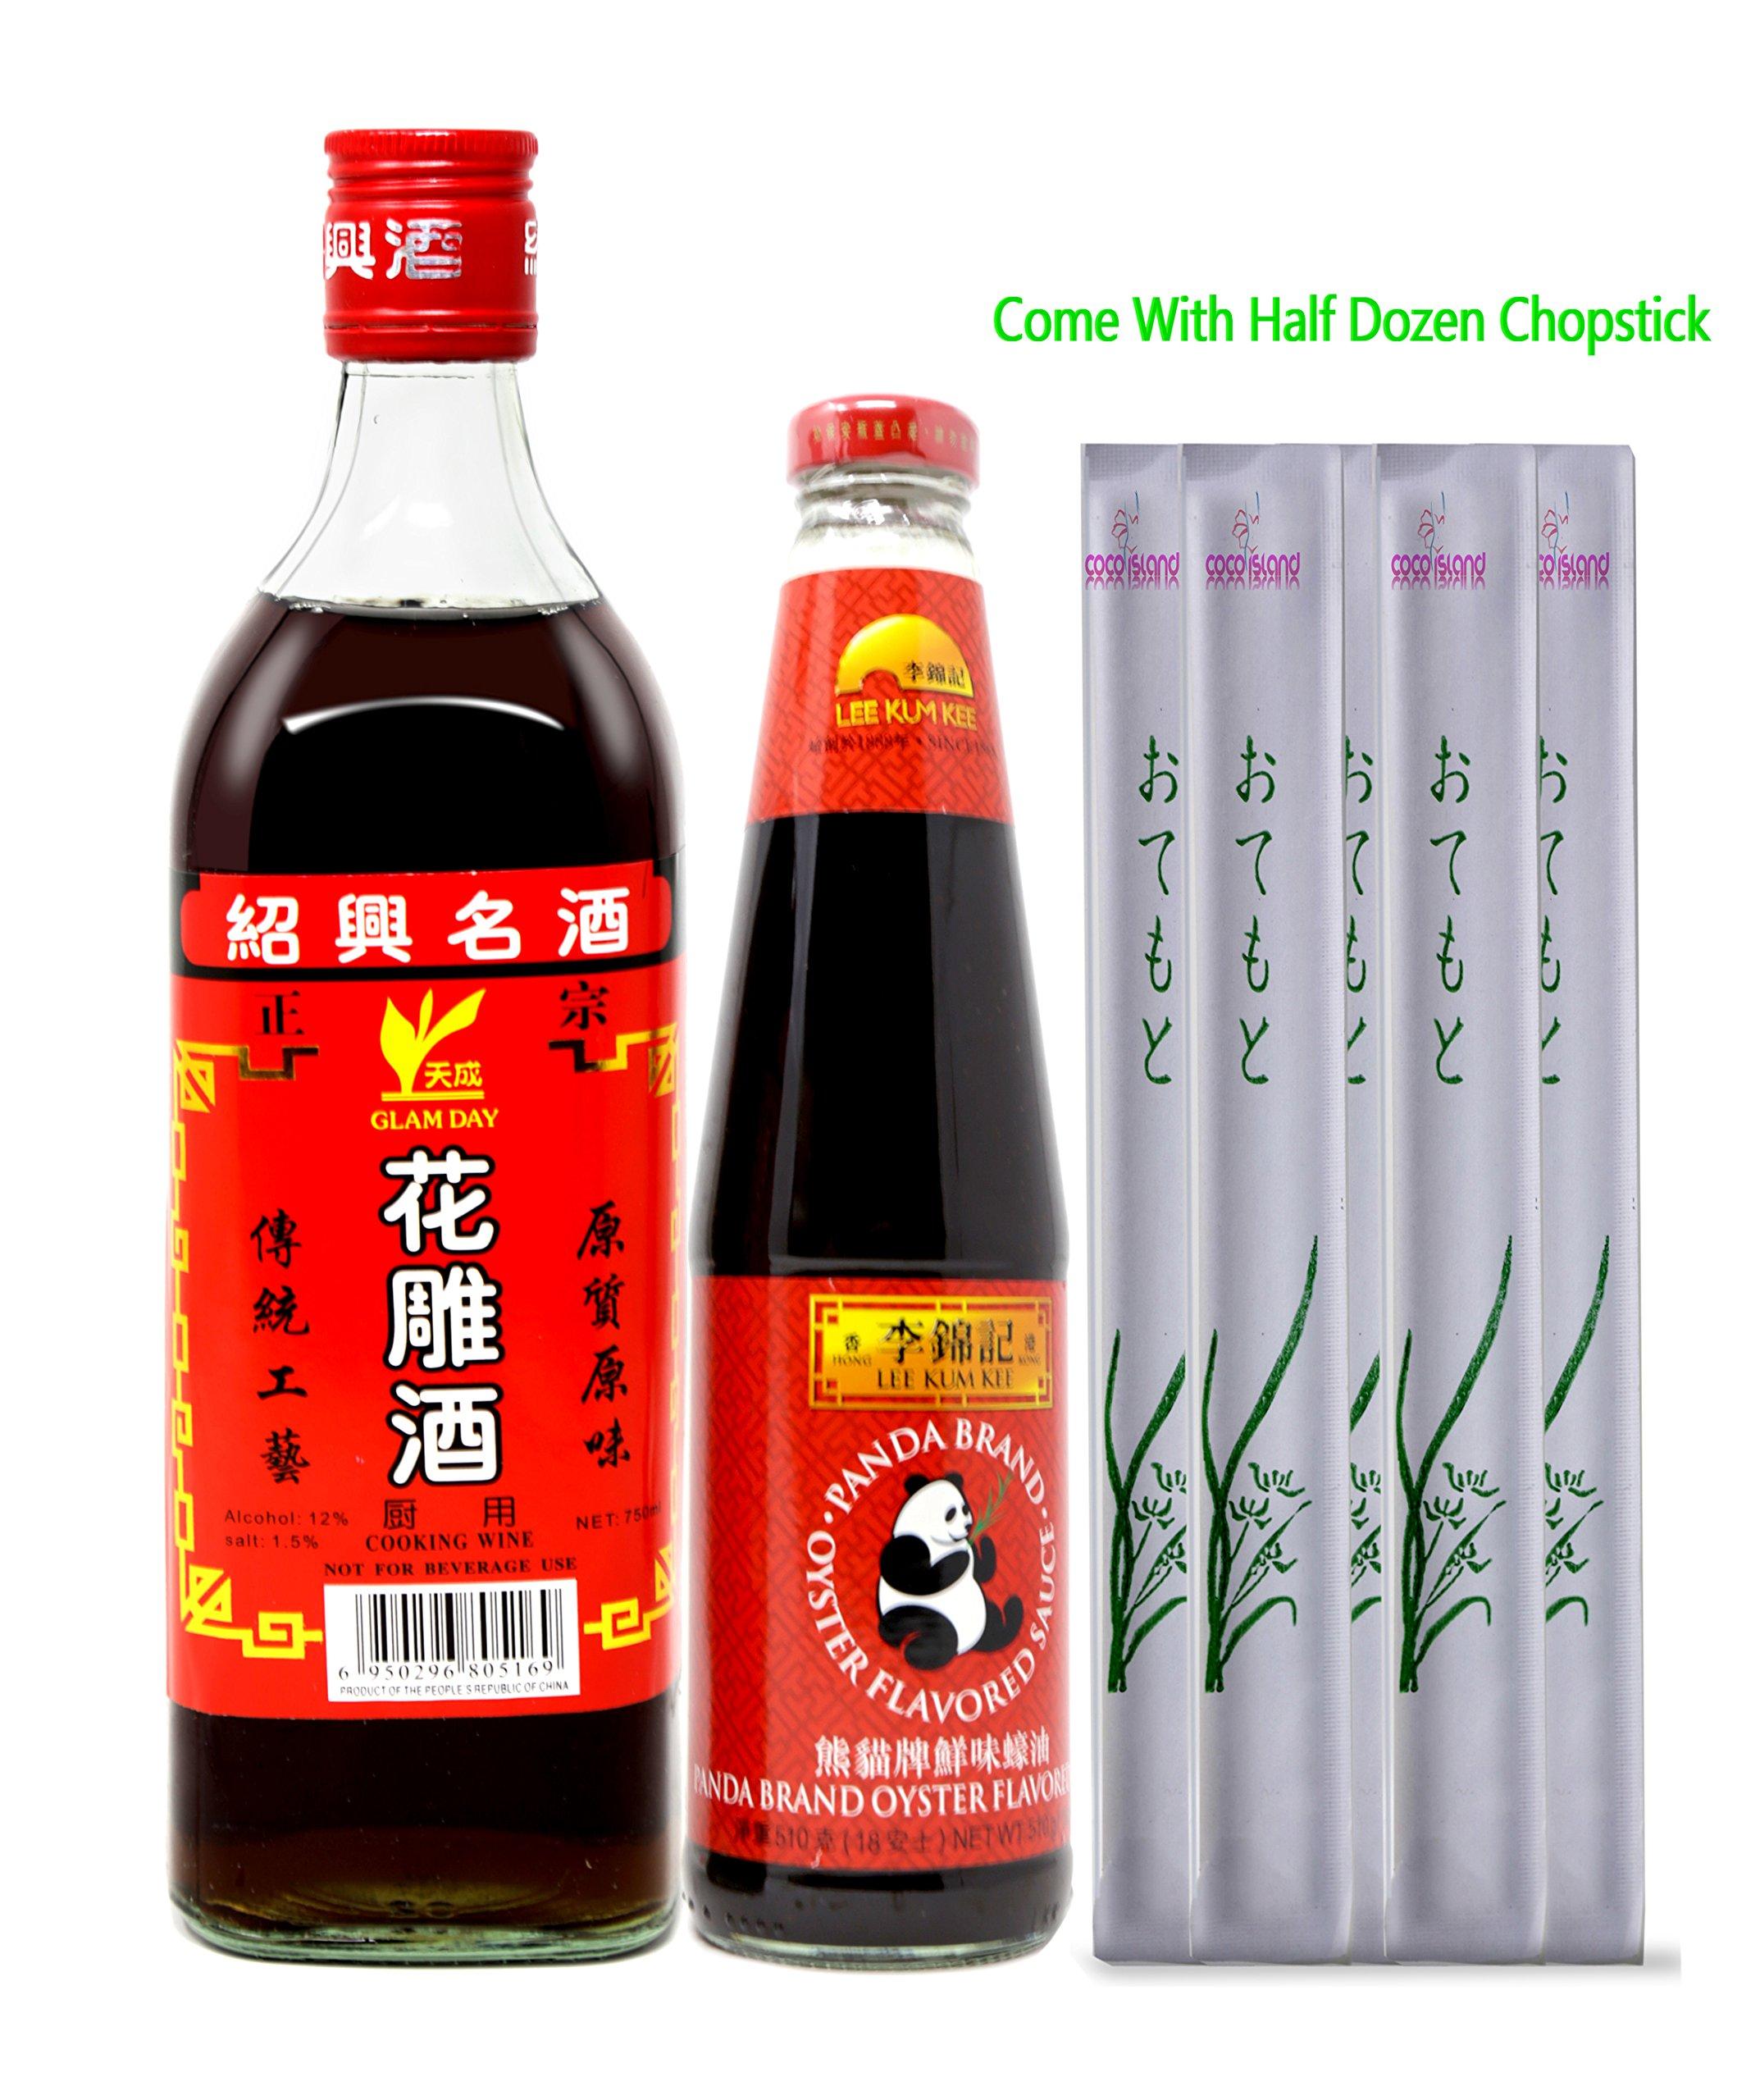 Da Xing SHAOHSING RICE COOKING WINE 750ML (1) by Da Xing